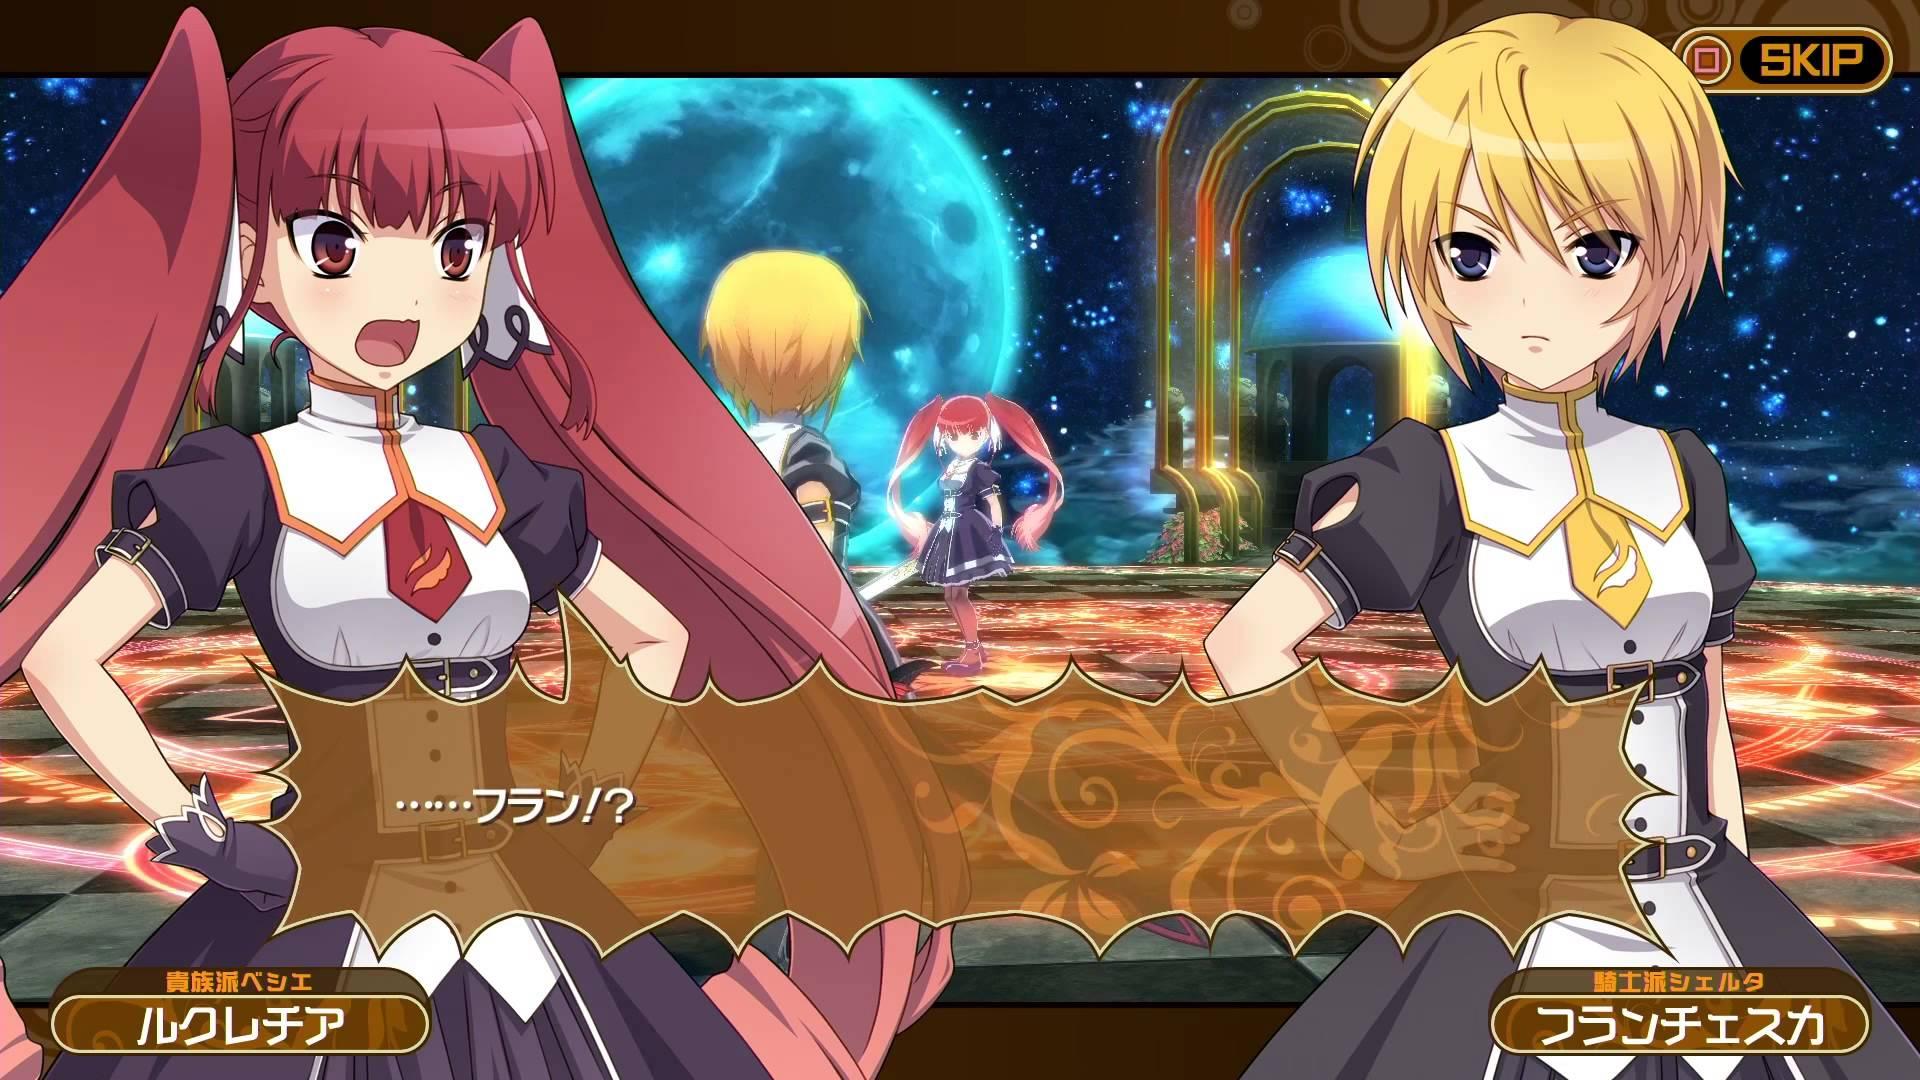 一騎当千爽快バトルアクション『クロワルール・シグマ』PS4版の配信日が3月5日に決定!